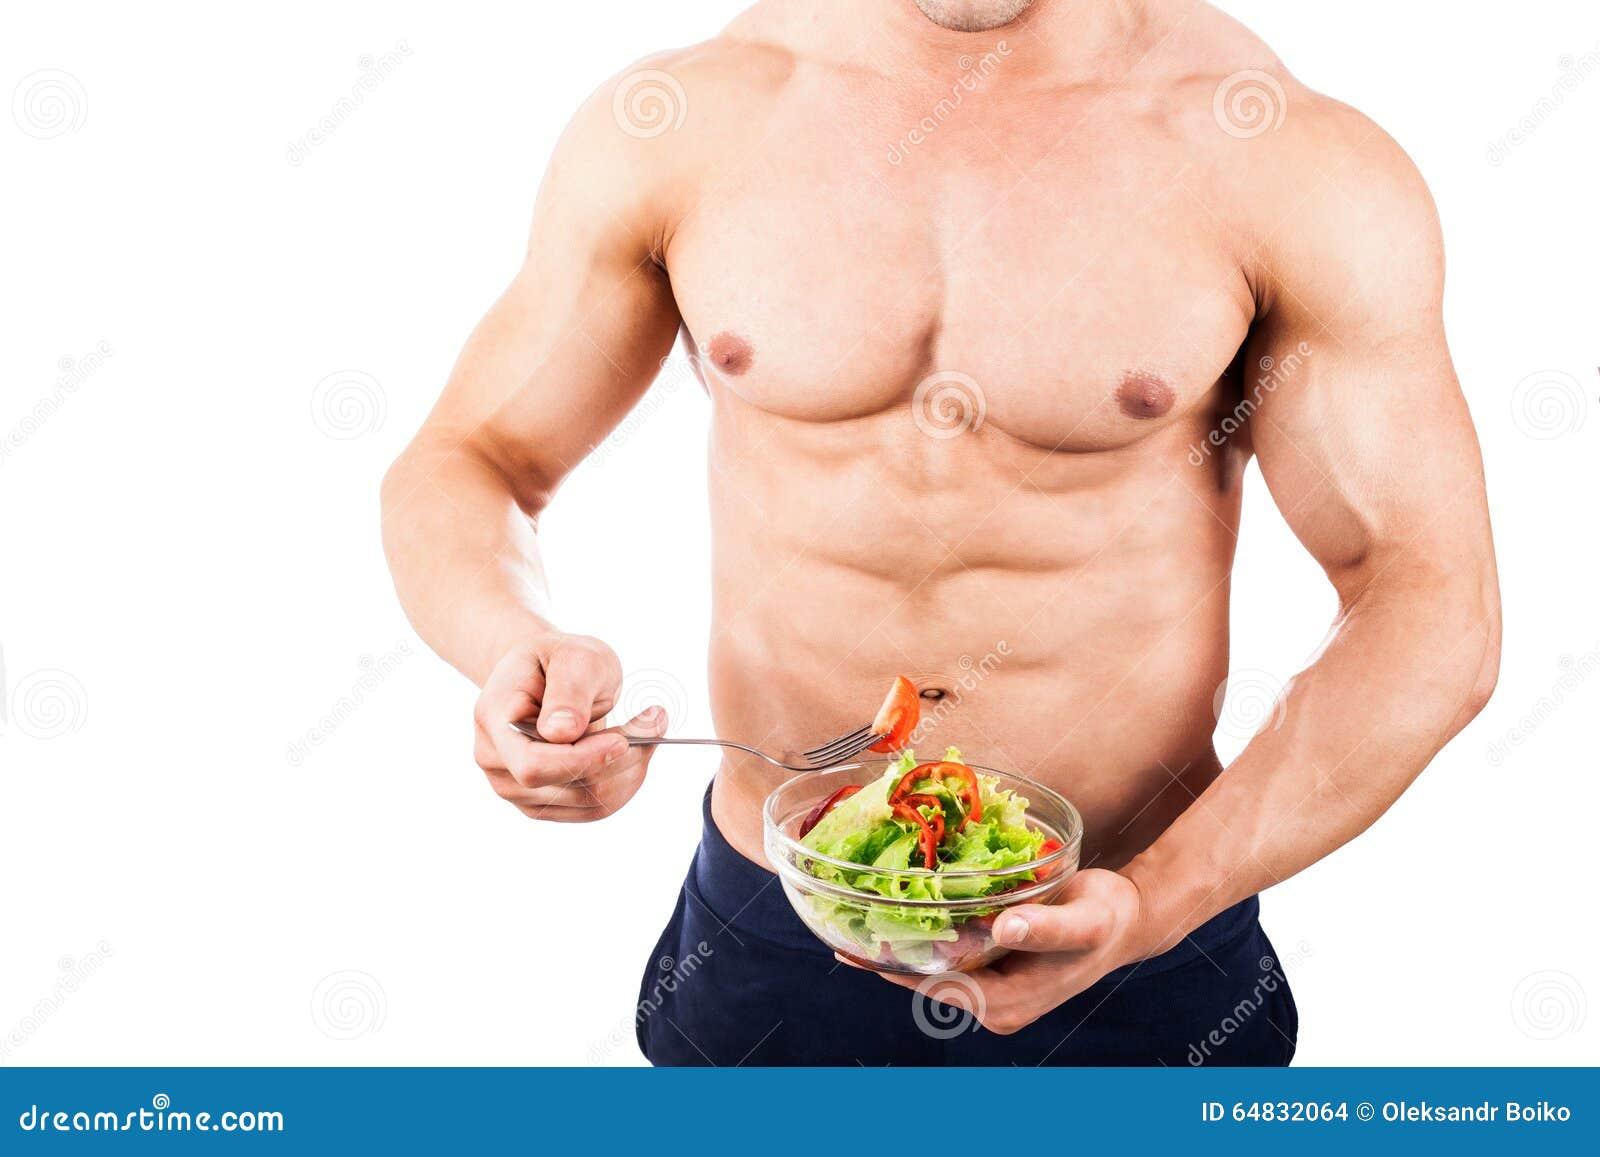 картинки здоровый человек